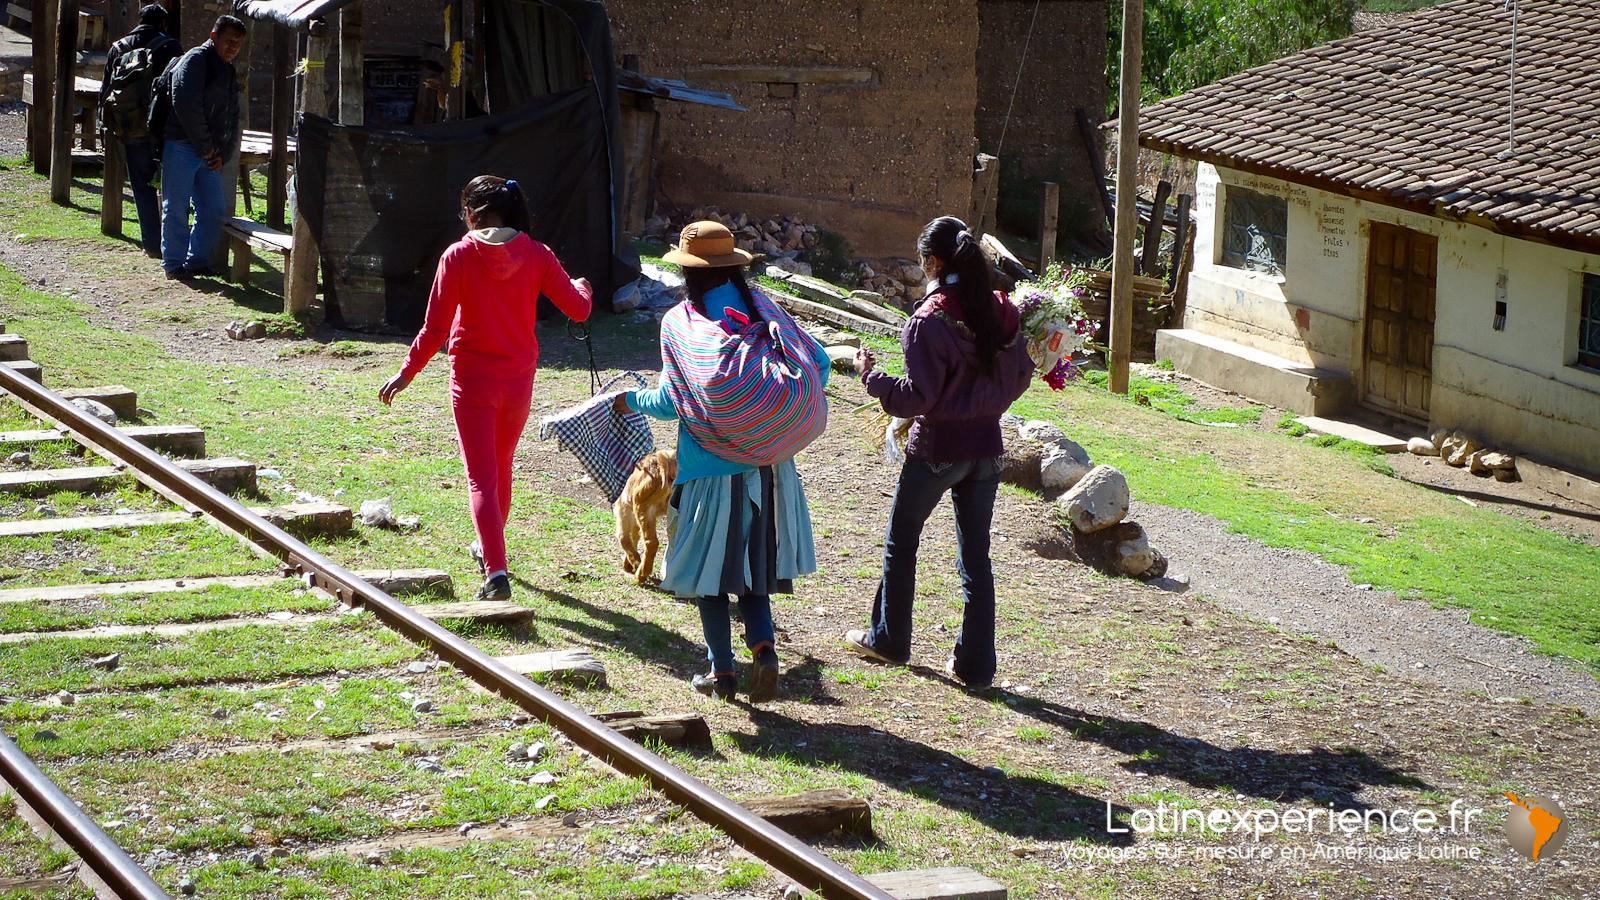 Pérou - Train de Huancavelica  - petite gare locale - Latinexperience voyages